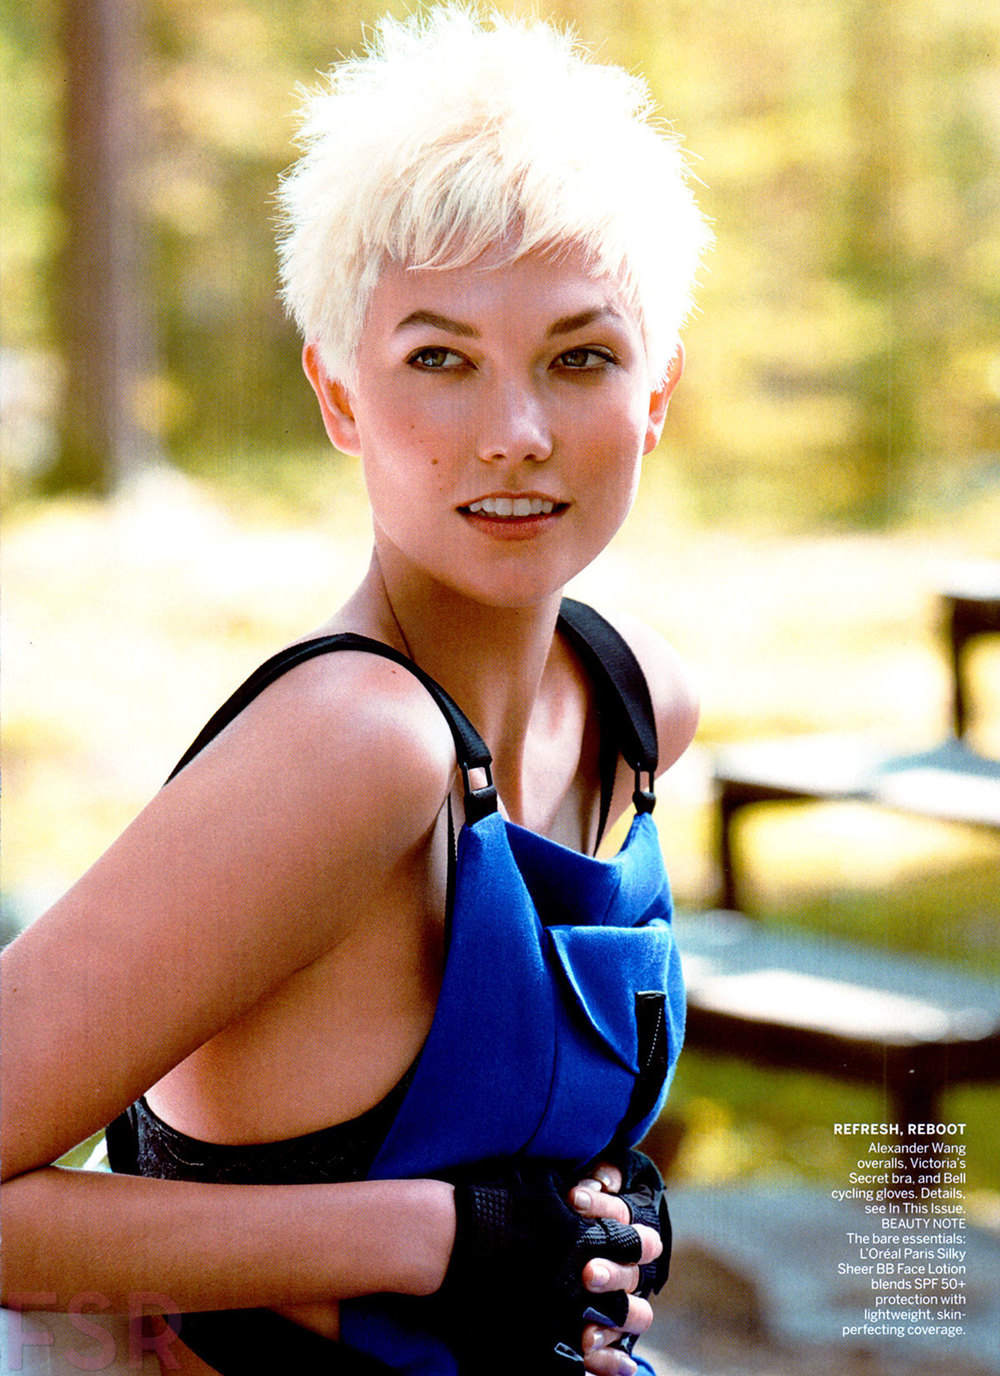 KARLIE-KLOSS-in-Vogue-Magazine-December-2014-Issue-5[1].jpg